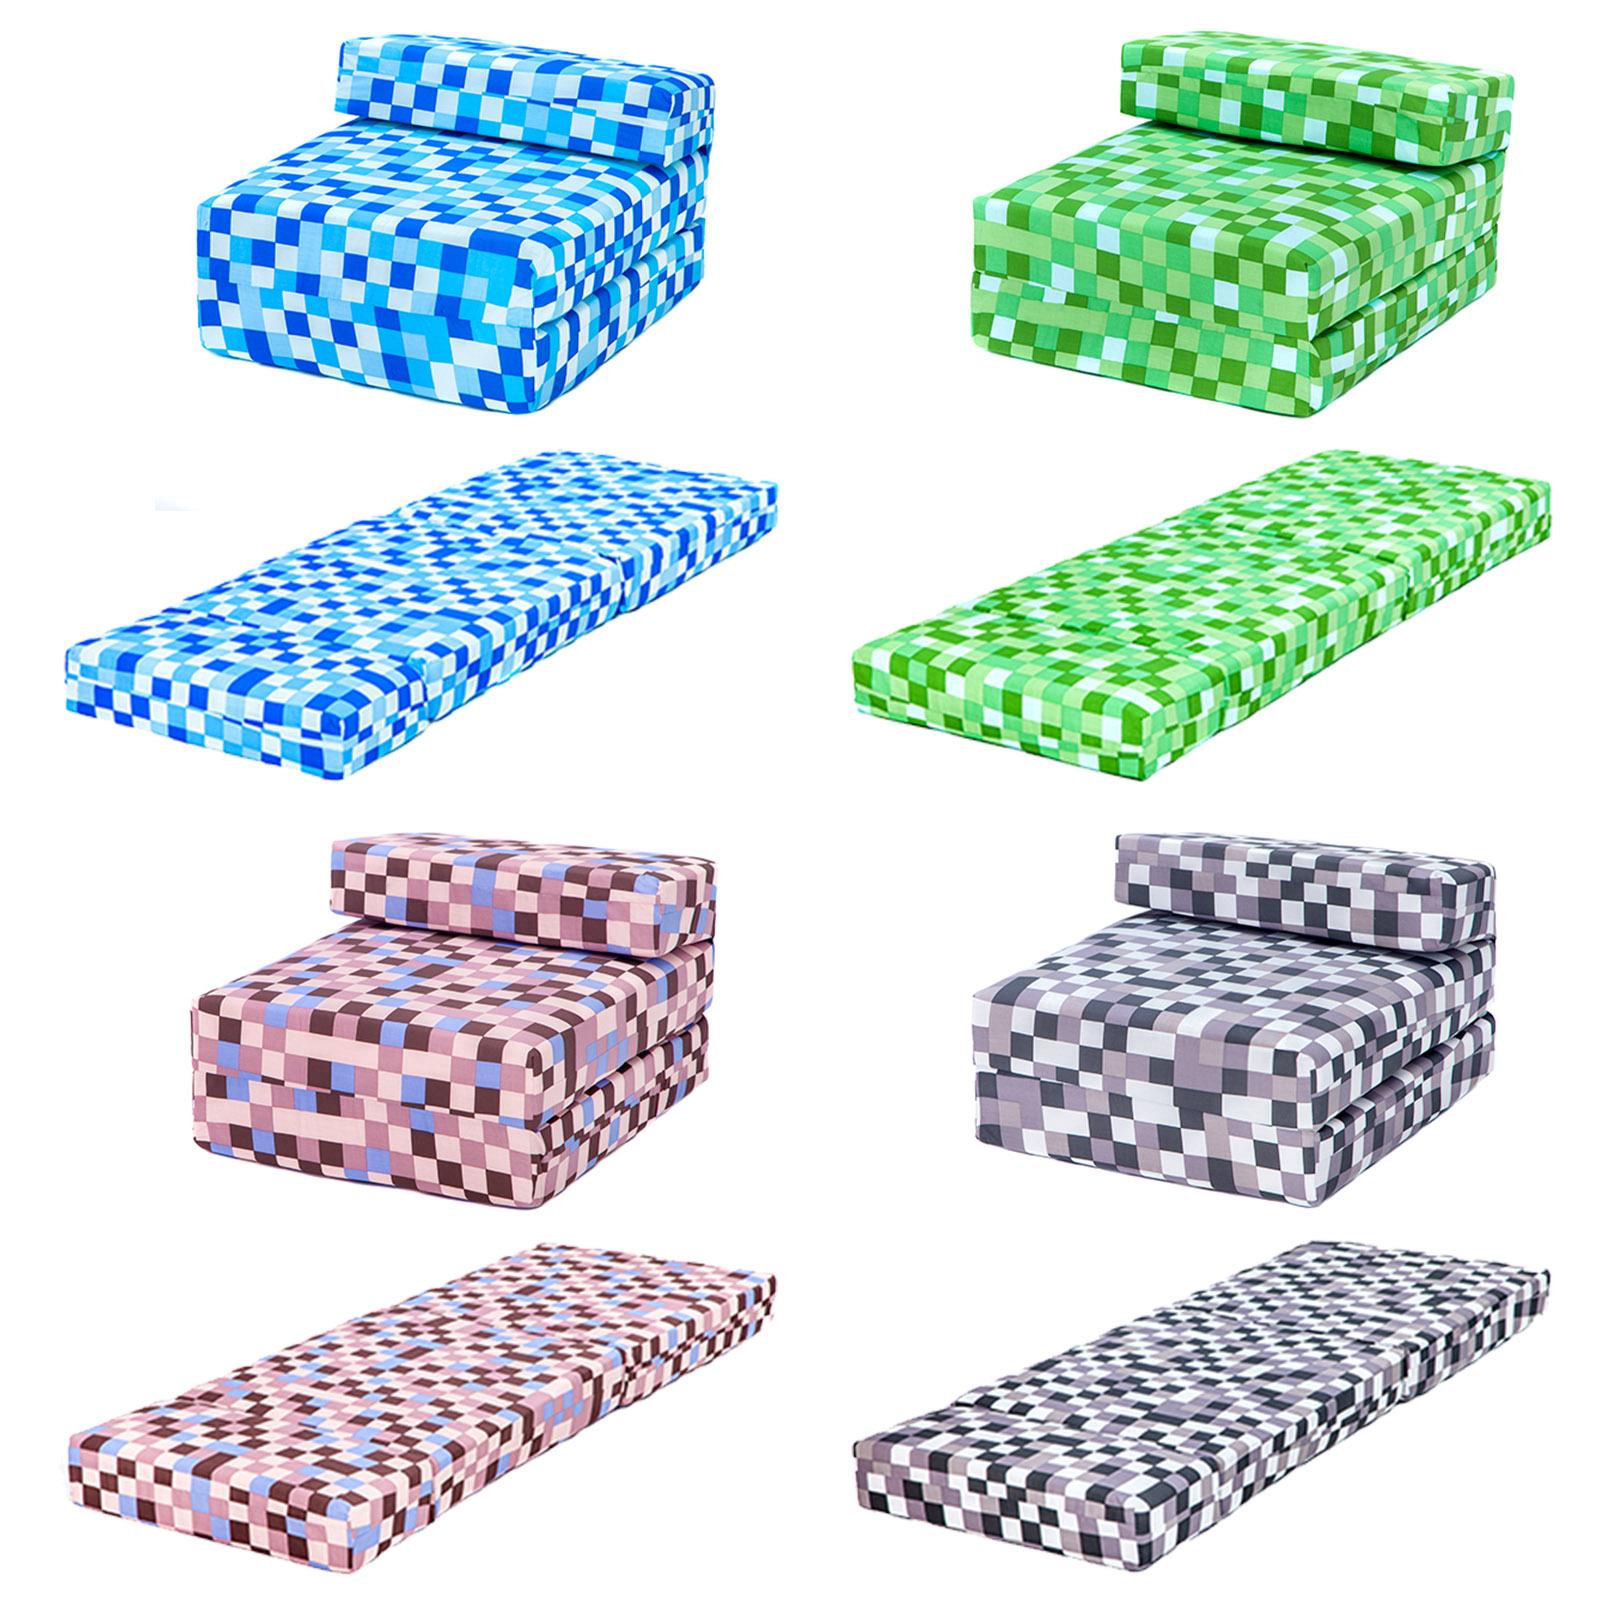 Pixels Kids Foam Fold Out Sleep Over Guest Single Futon